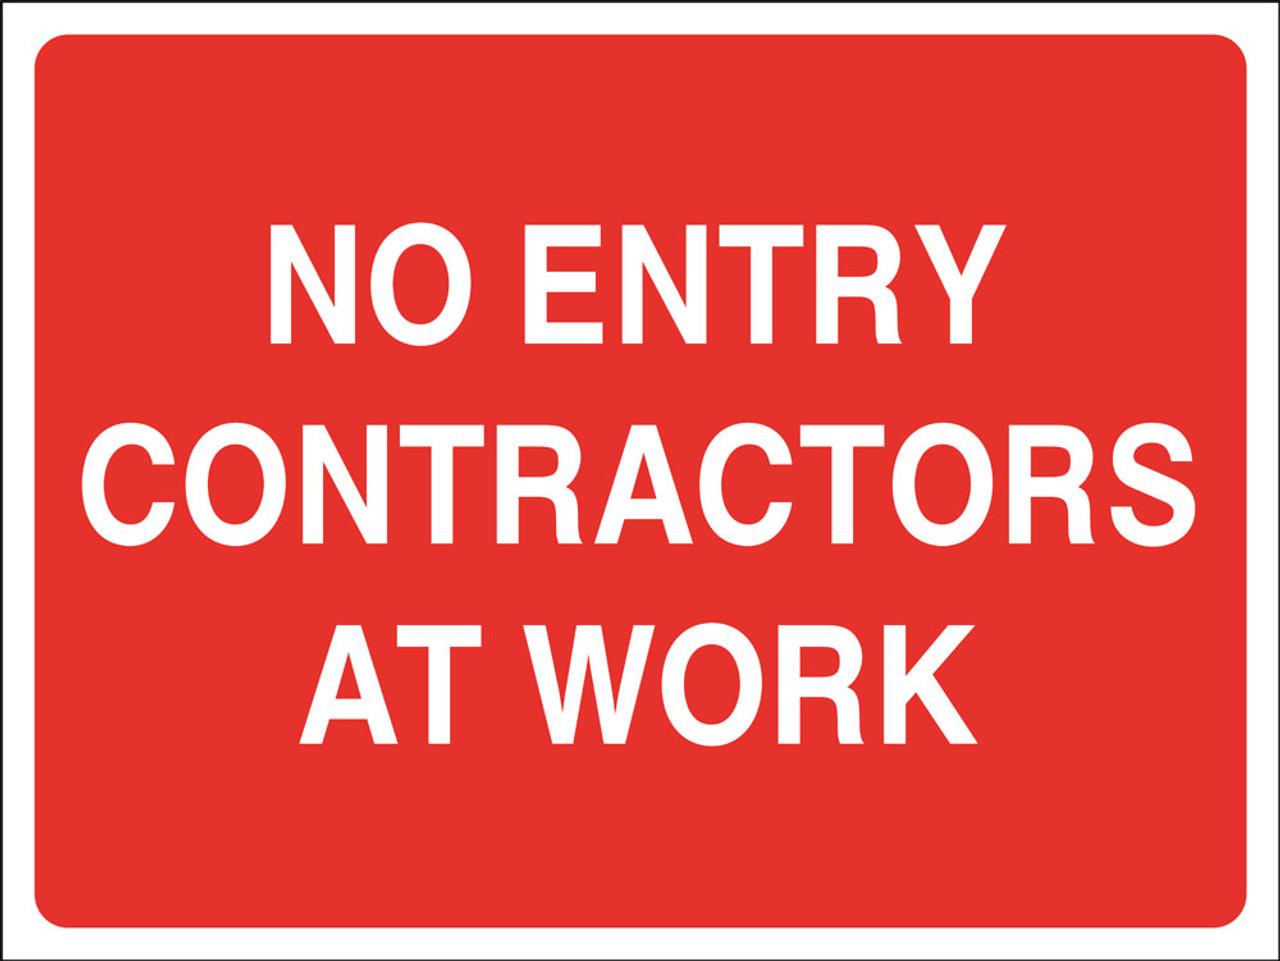 No entry contractors at work